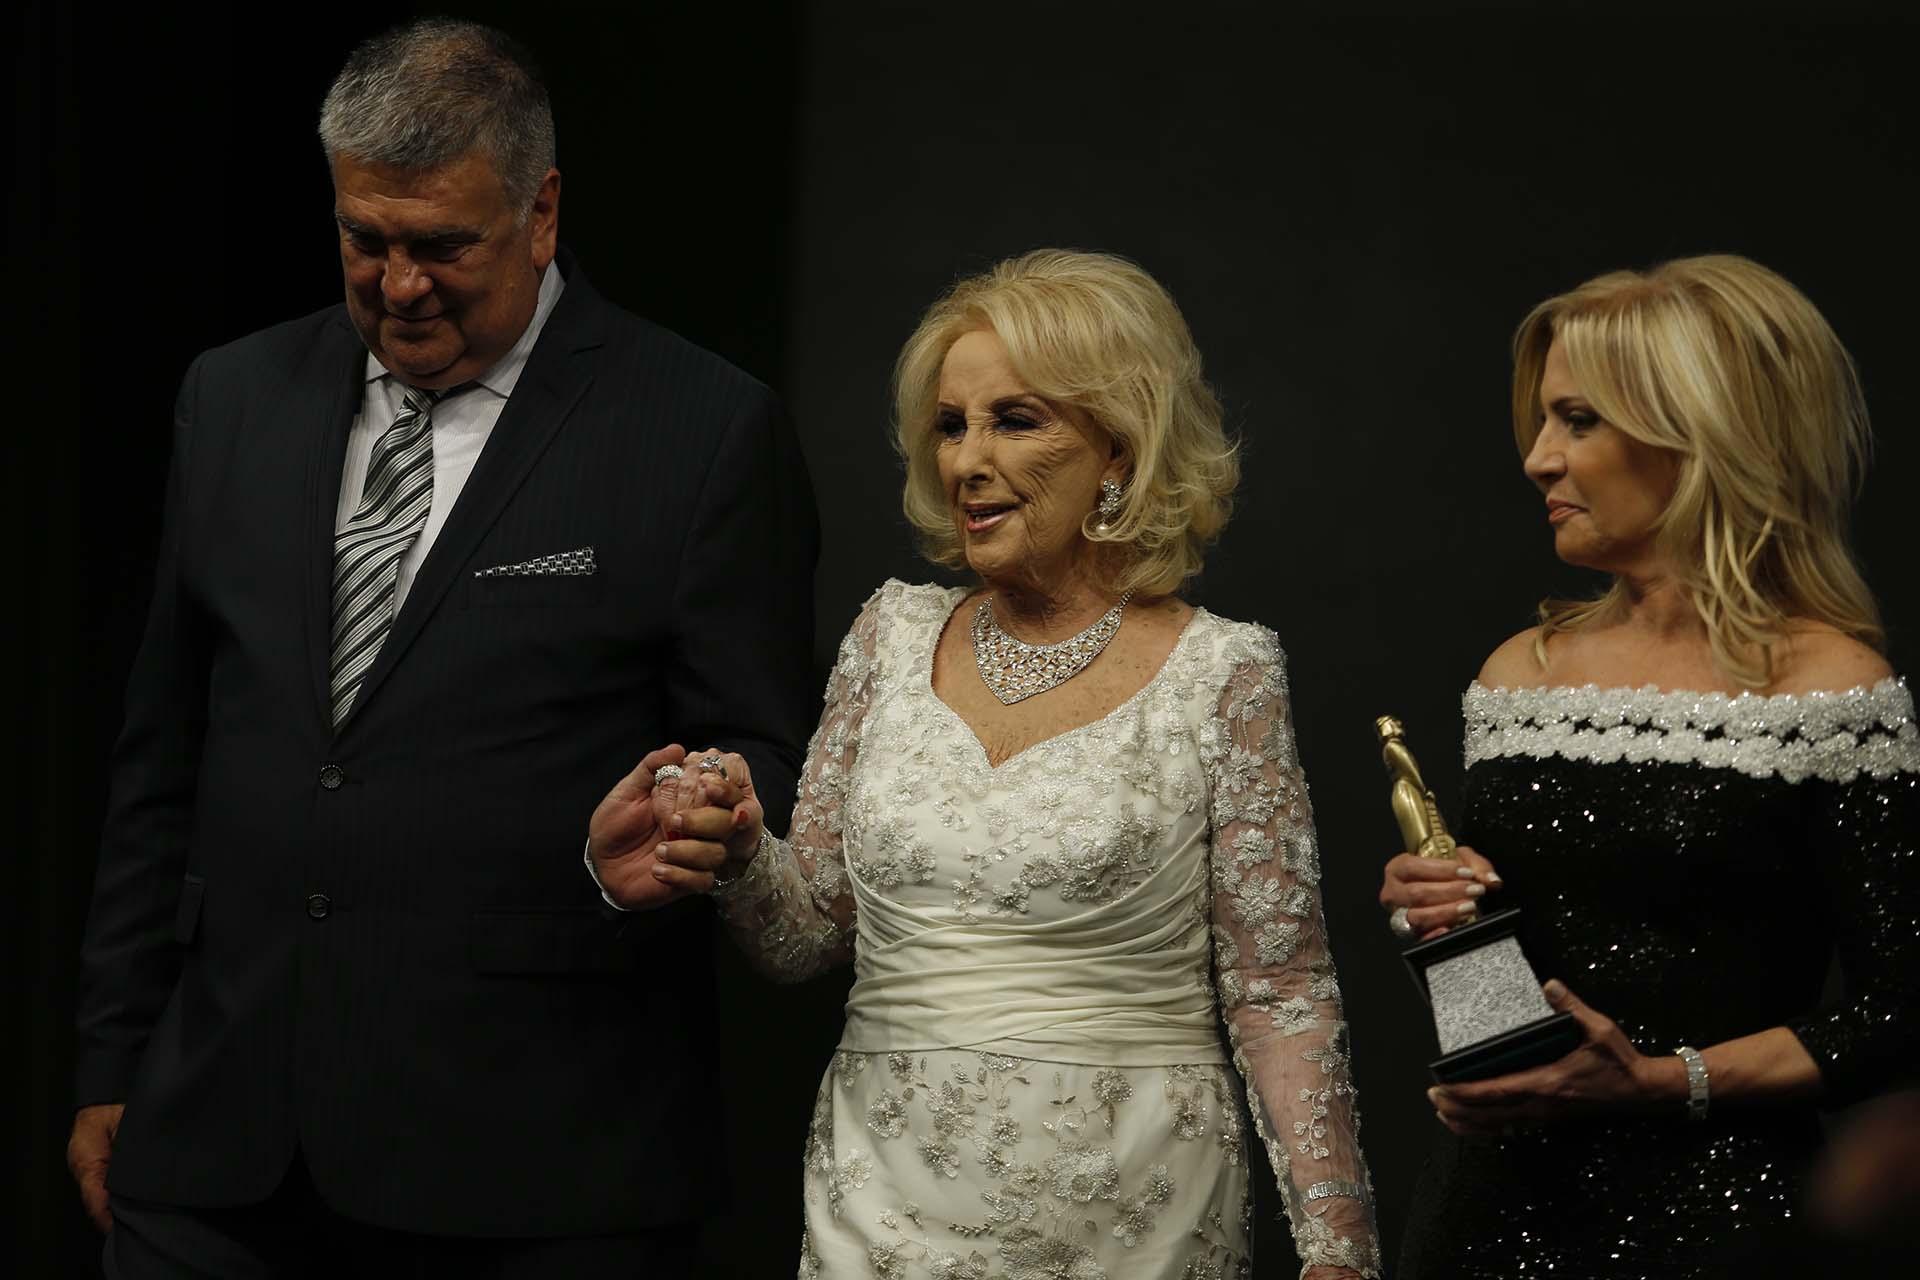 Luis Ventura, Mirtha y Susana Roccasalvo: